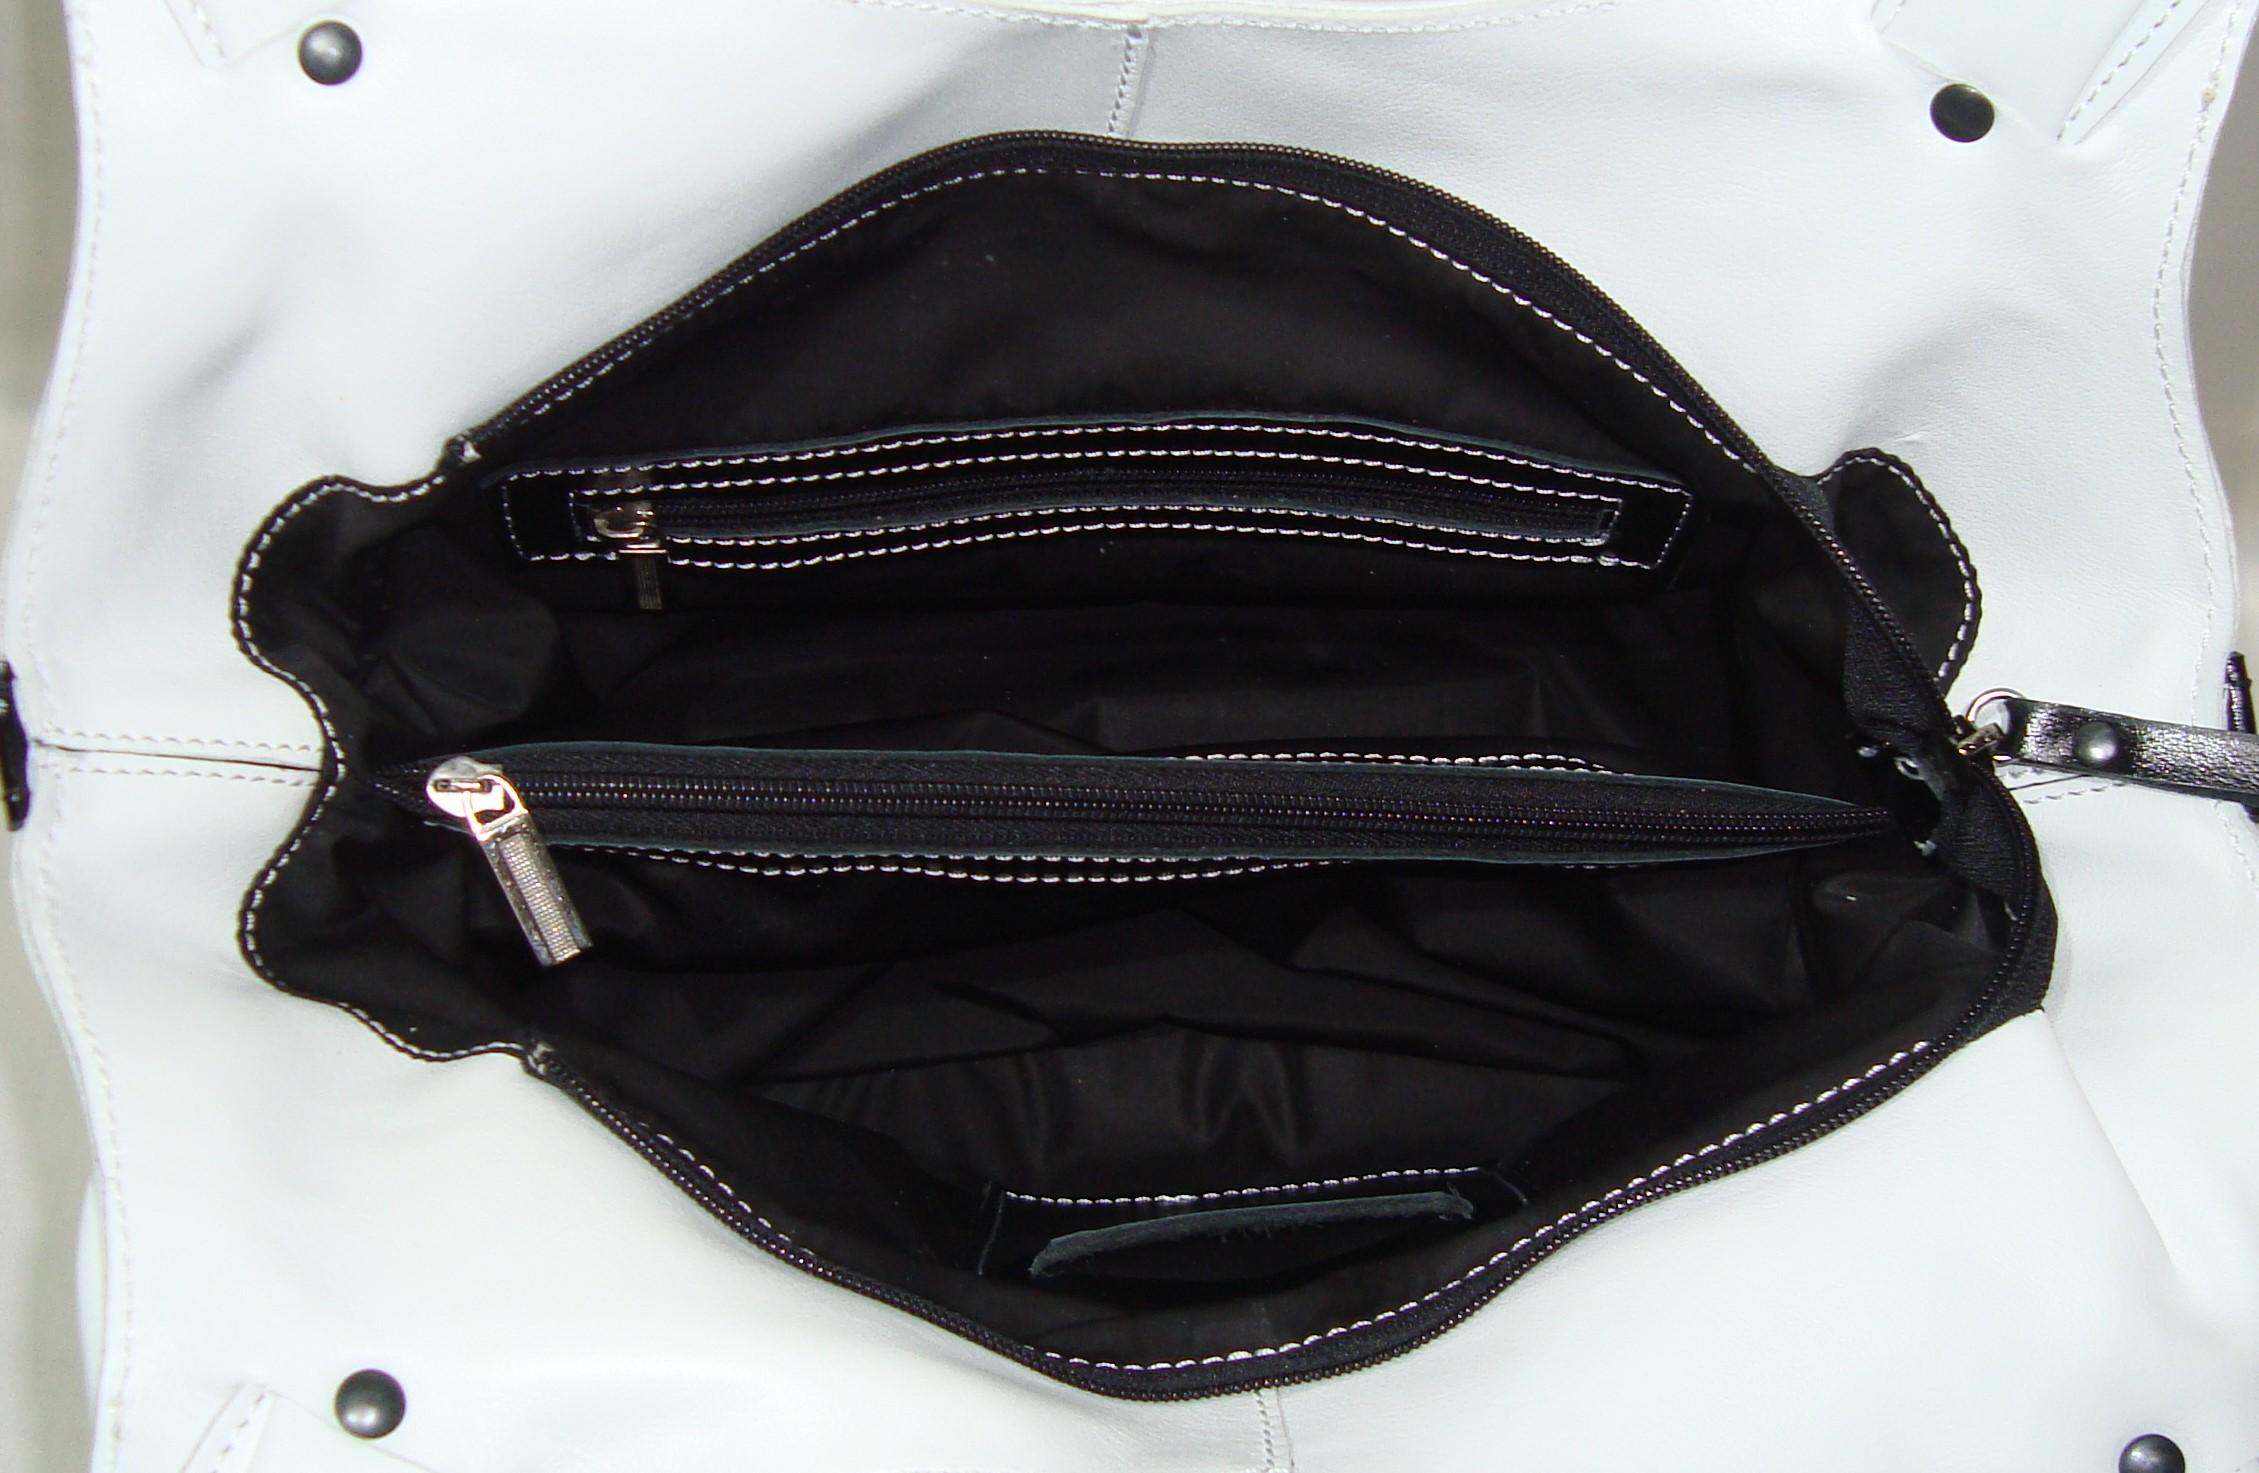 Сумка Модель № 36Сумки и др. изделия из кожи<br>Высота сумки:28 см<br>Высота до ручек:36см<br>Ширина сумки низ:38 см<br>Ширина сумки верх:36см<br>Ширина дна:11 см<br>Длинна дна:26см<br>Длинна ручек:62 см<br><br>Тип: Сумка<br>Размер: -<br>Материал: Натуральная кожа